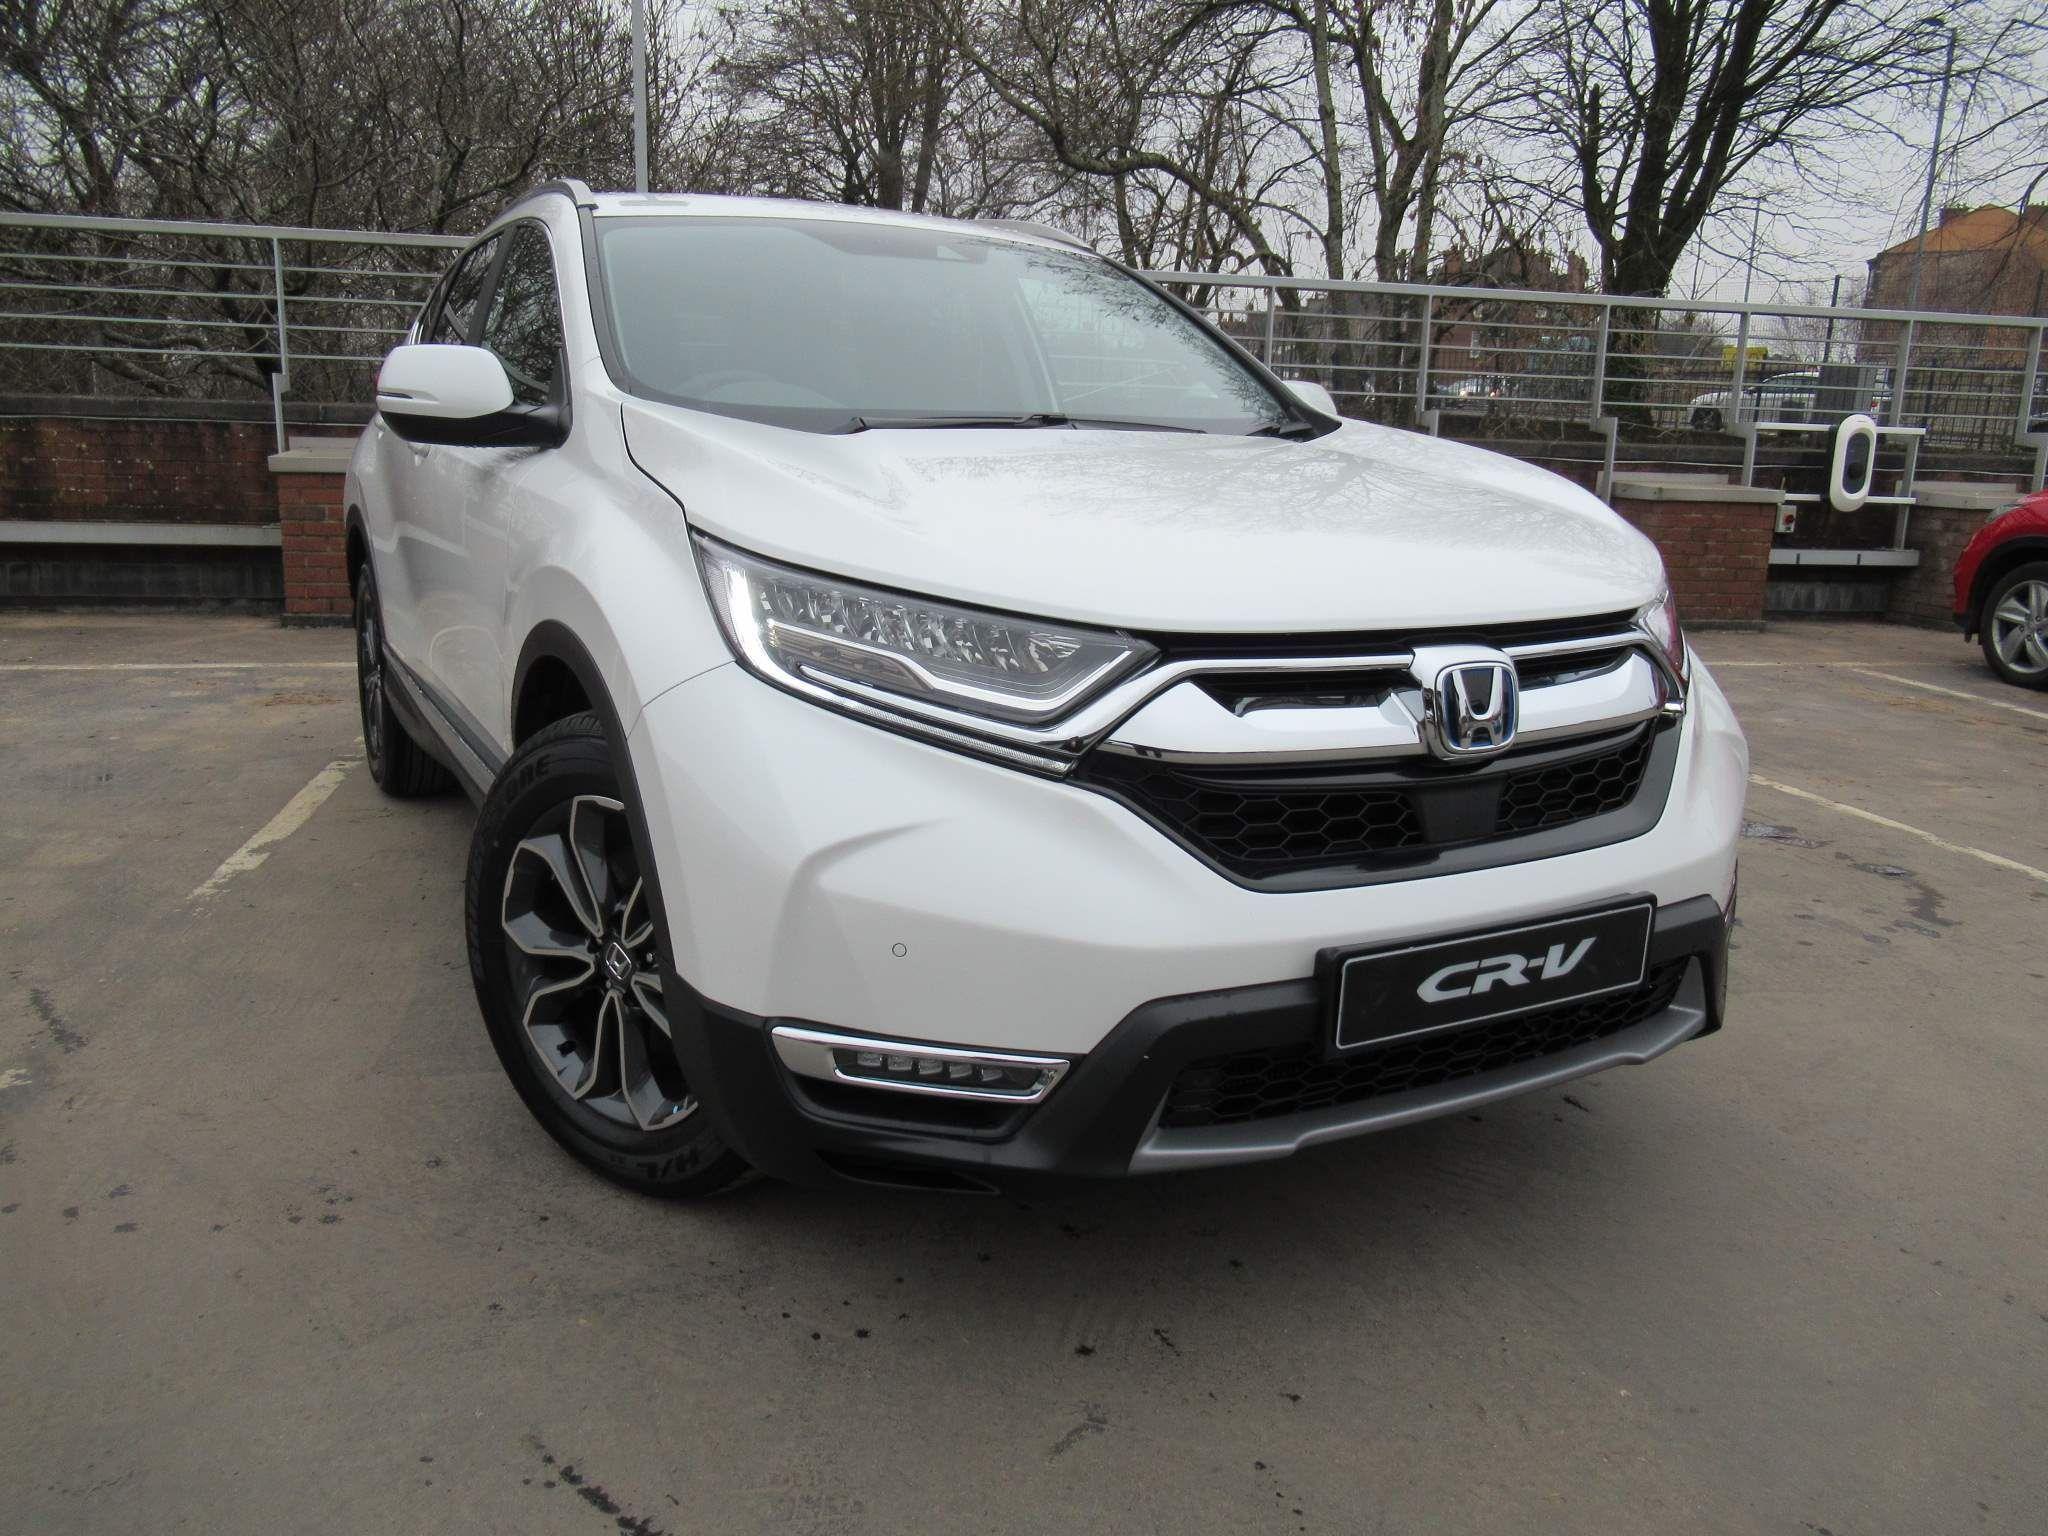 Honda CR-V 2.0 h i-MMD SR eCVT (s/s) 5dr